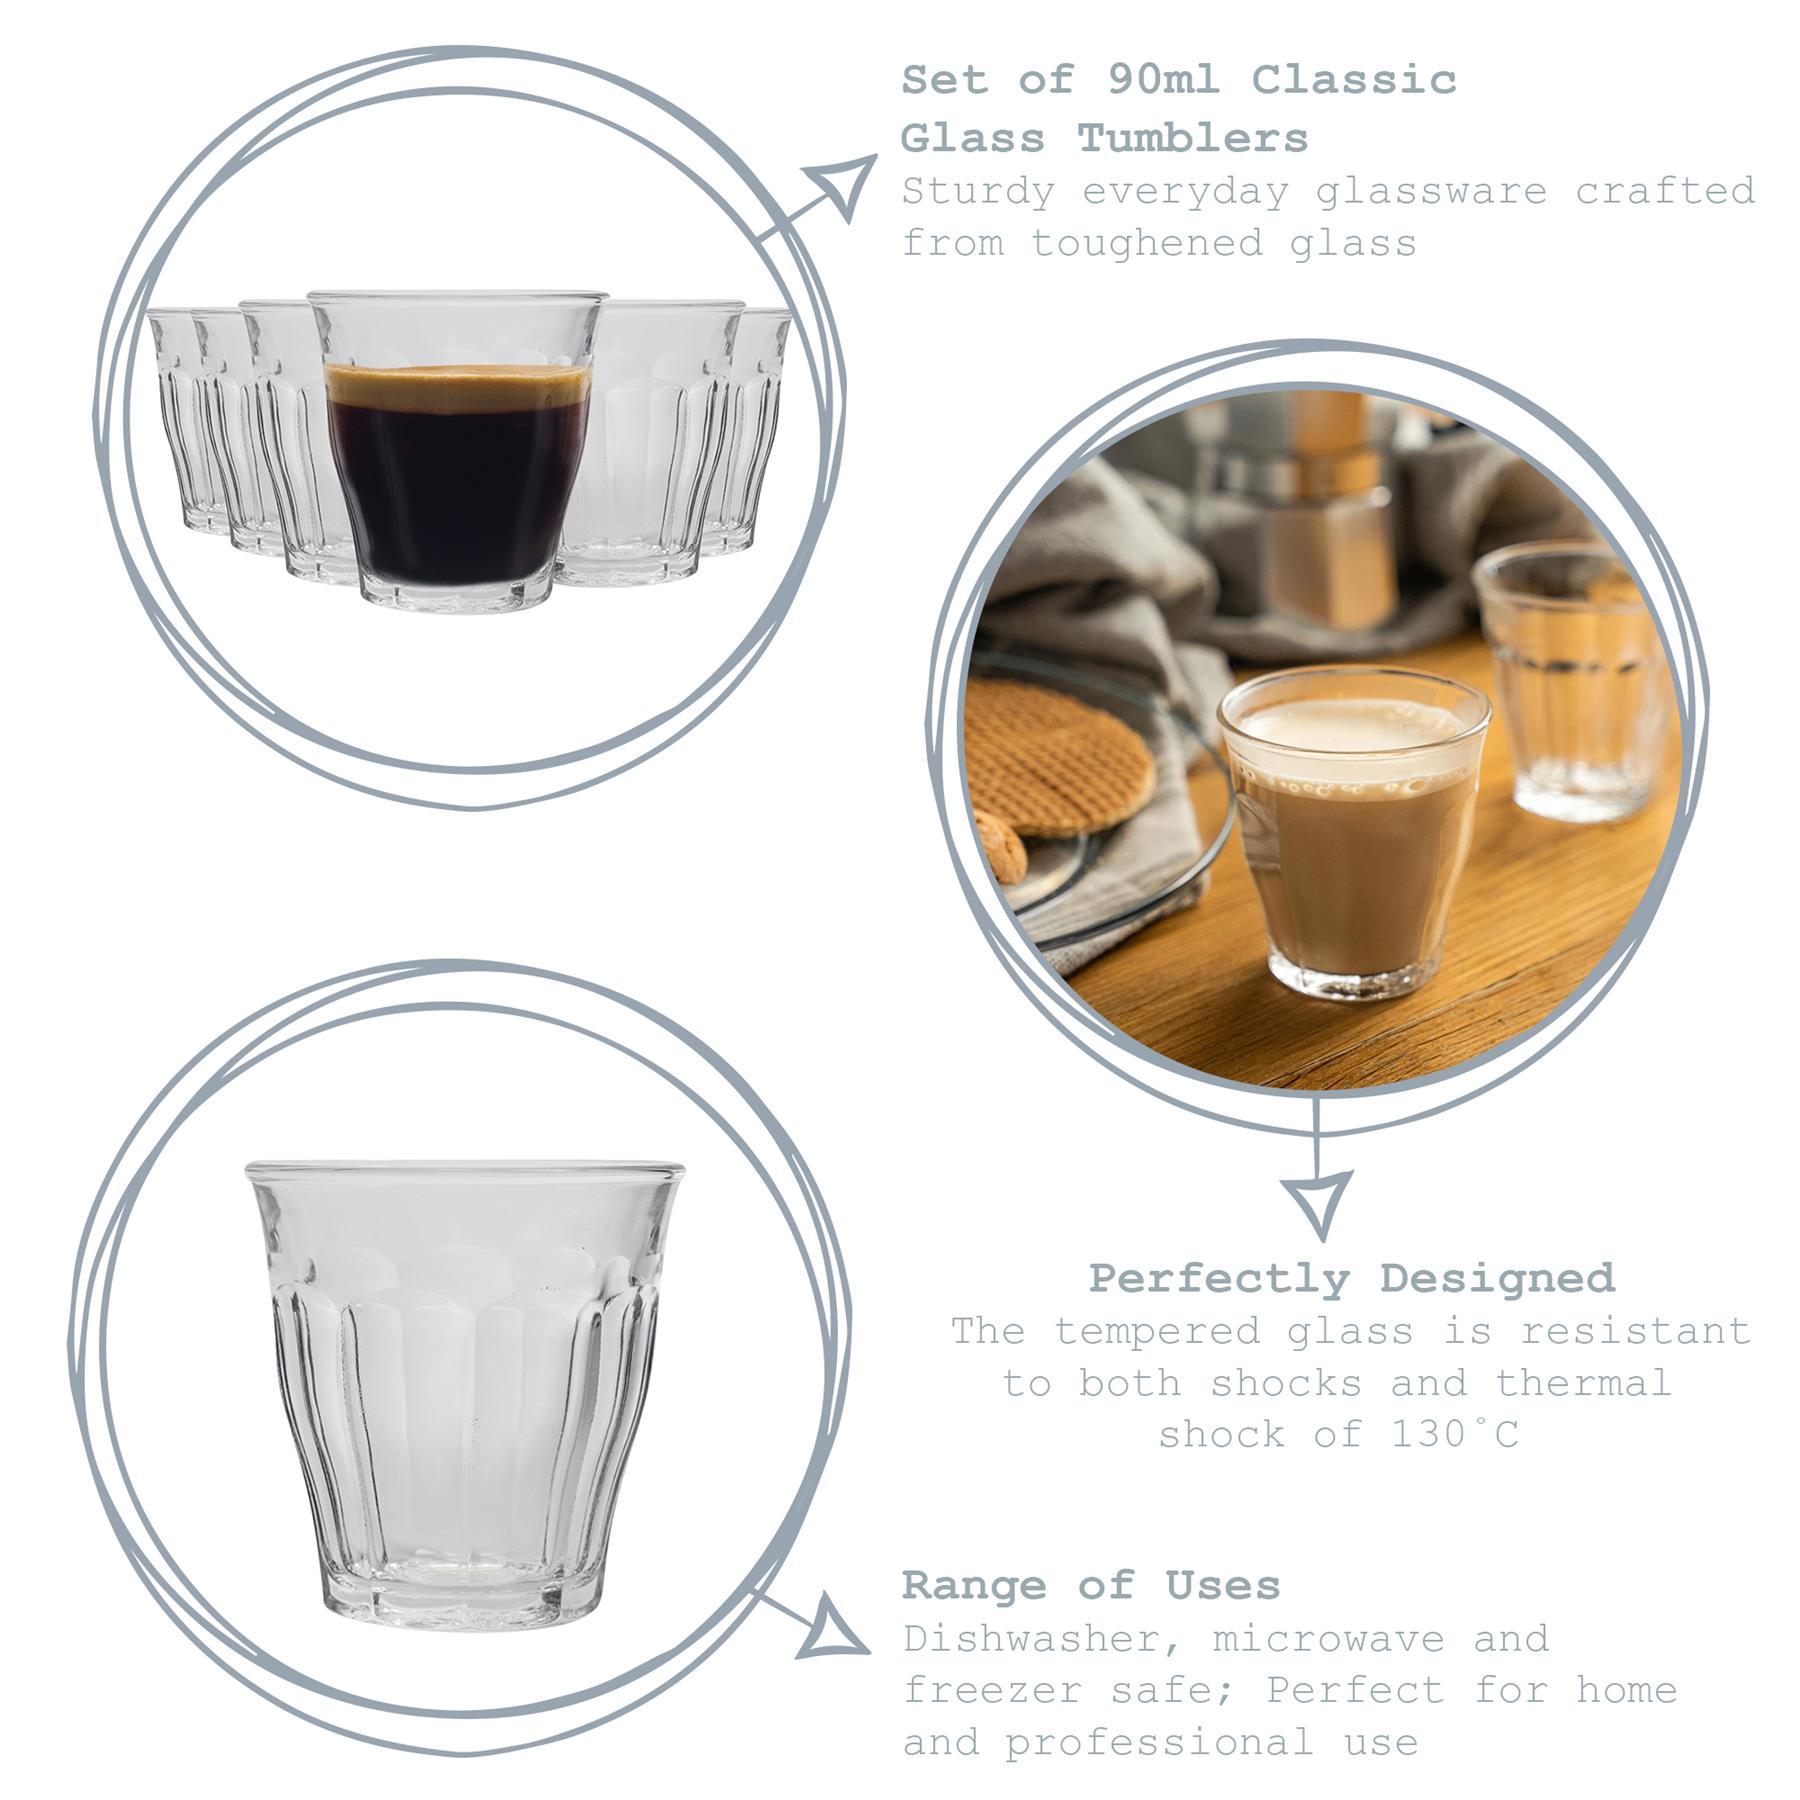 Duralex Provence Vidrio Espresso Tazas Vasos De Chupito Set 90ml x6